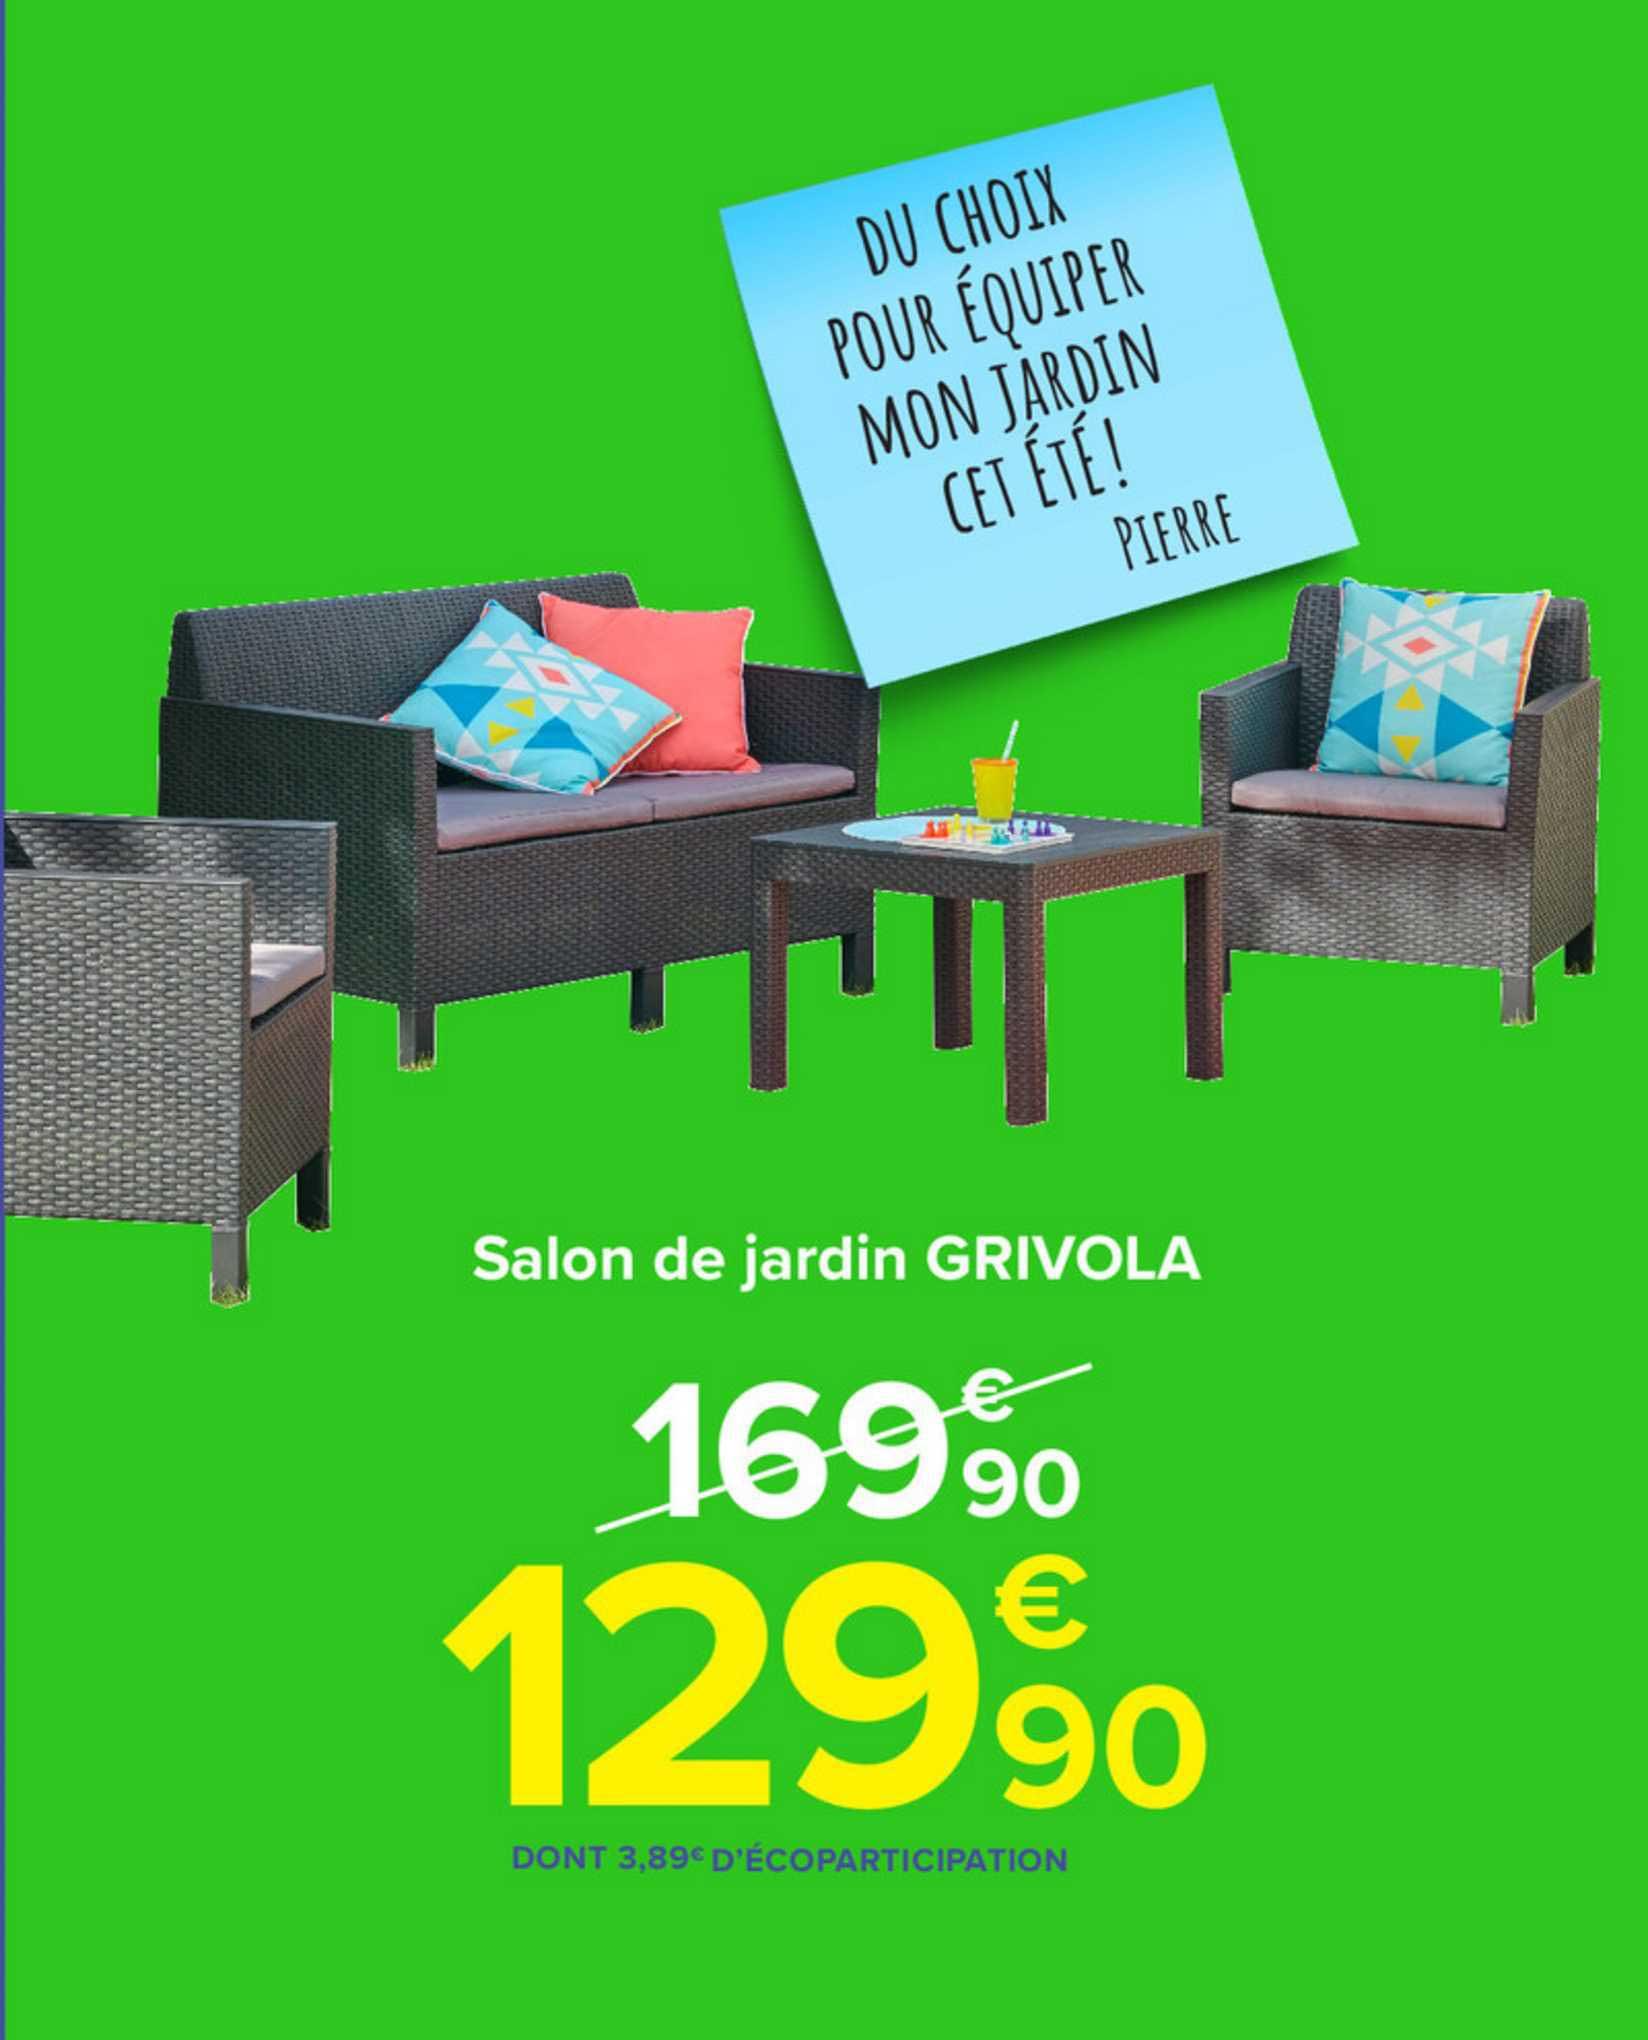 Carrefour Salon De Jardin Grivola